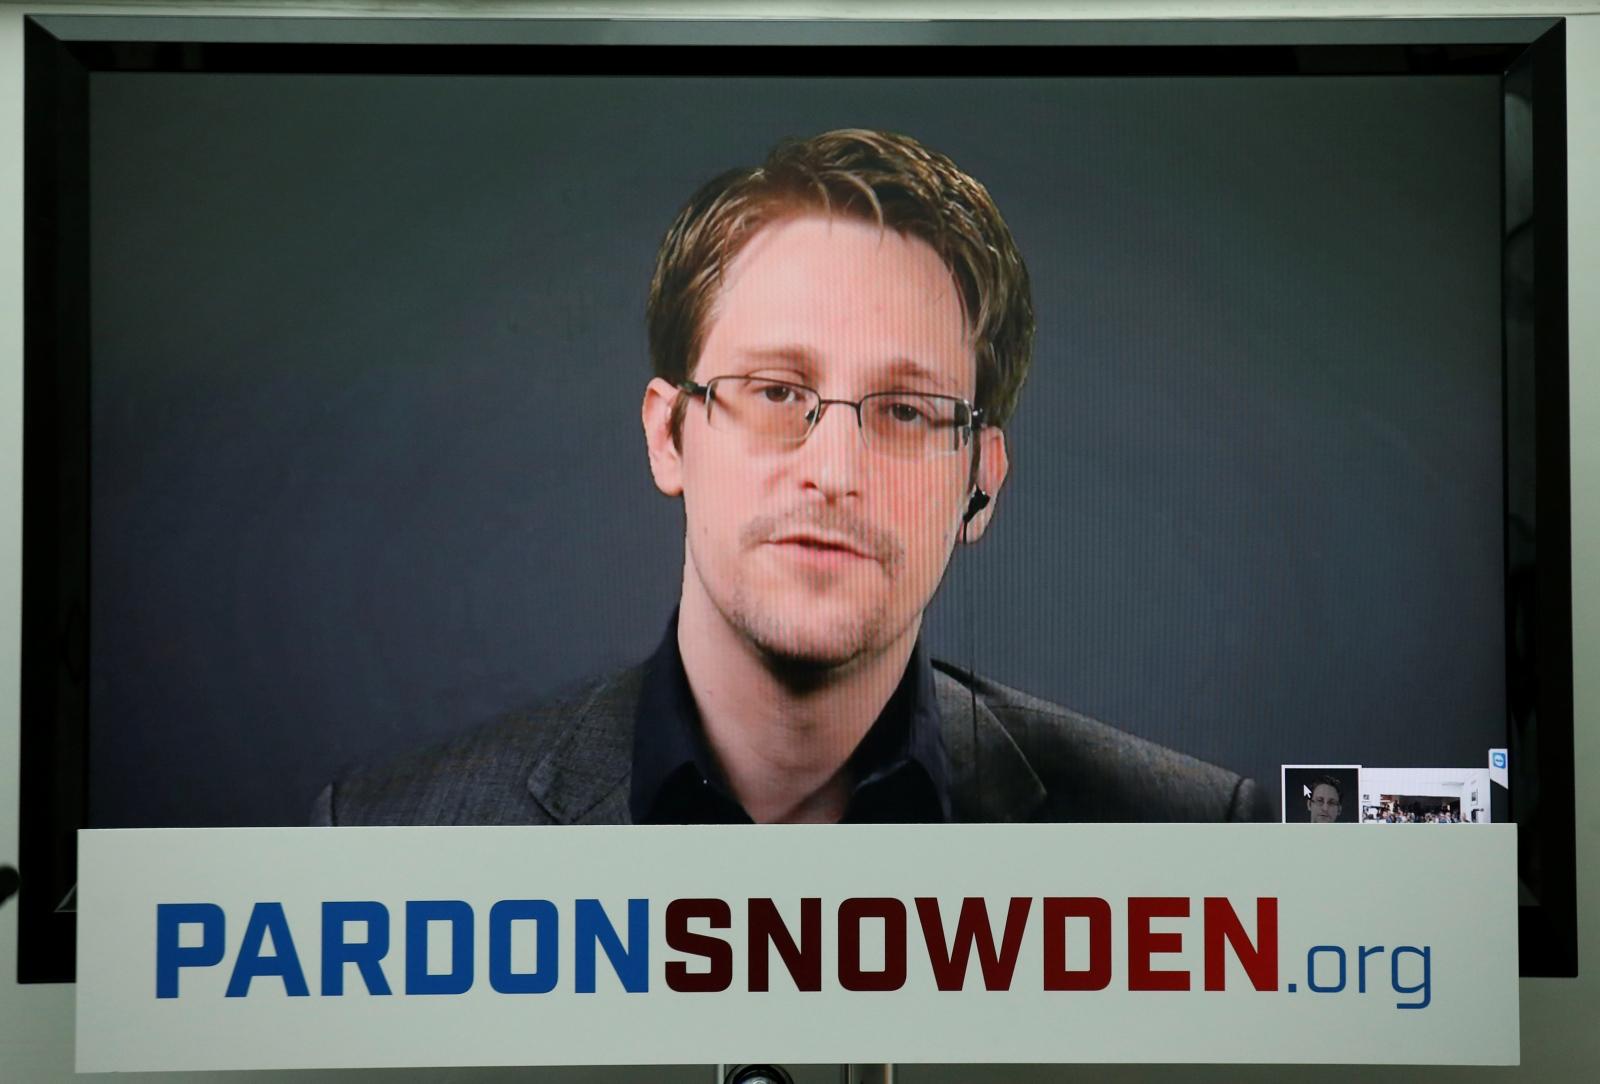 Более миллиона человек просят помиловать Сноудена. Фото: ibtimes.co.uk